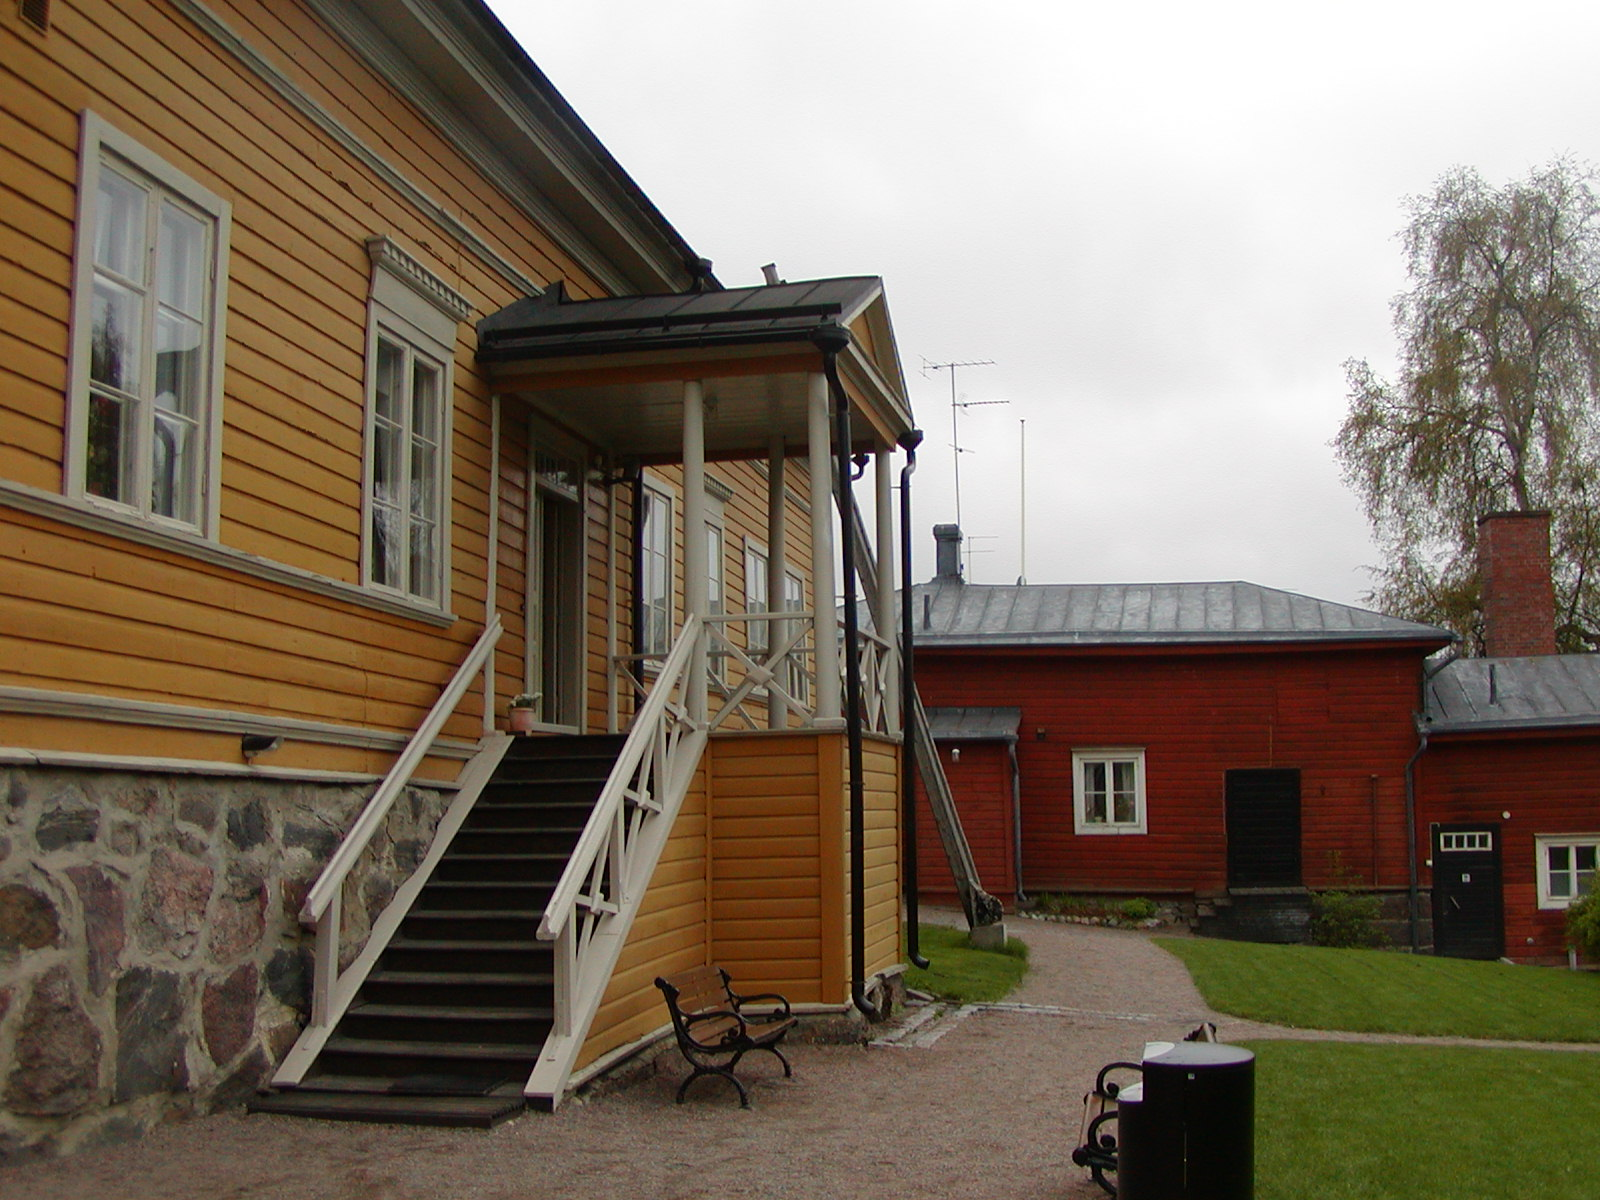 Acceso a la casa museo del poeta Johan Ludvid Runeberg